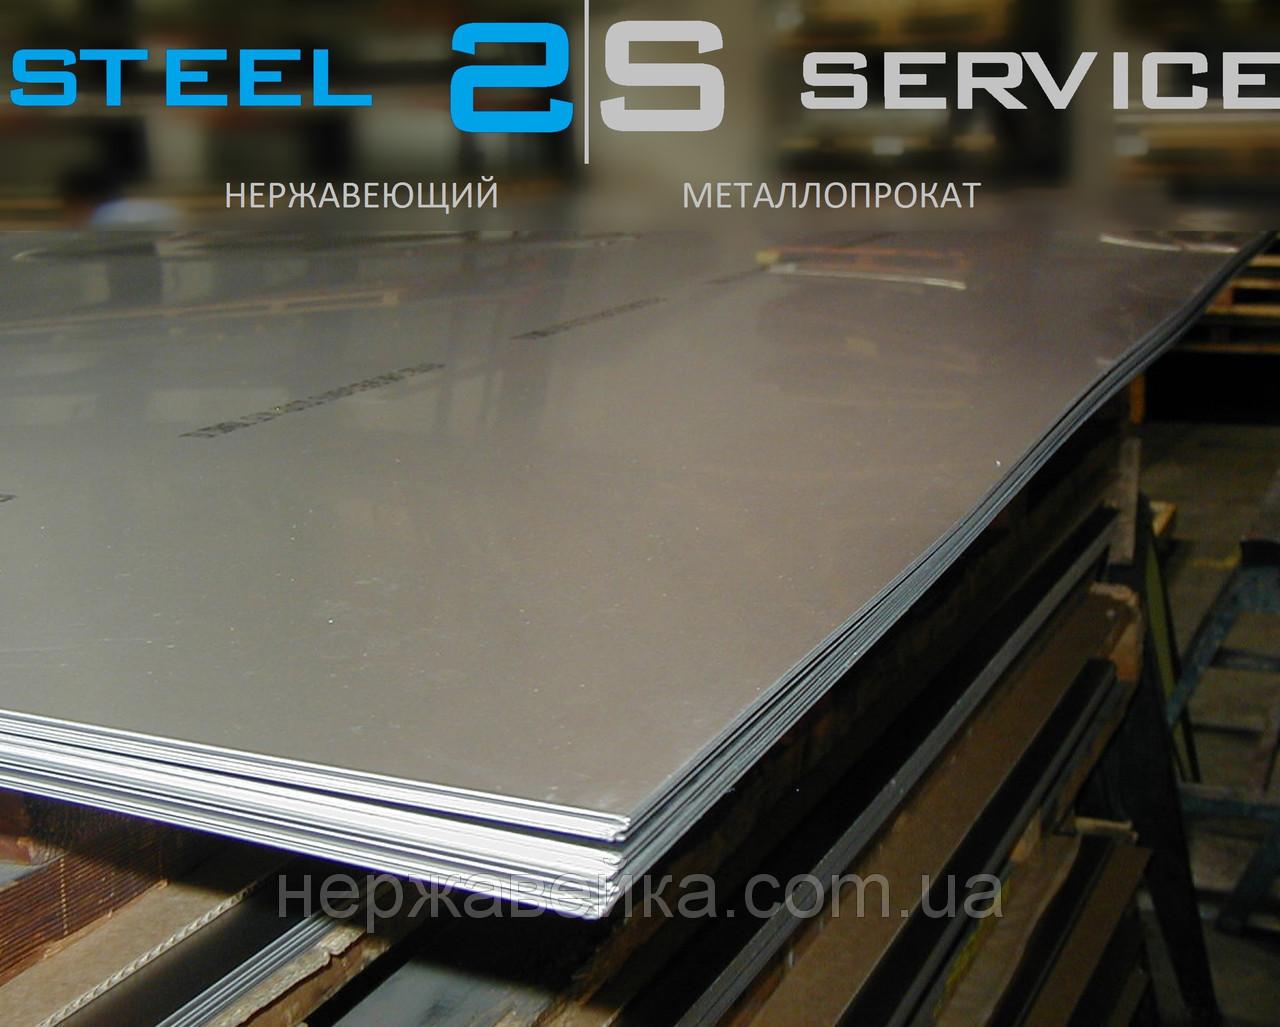 Нержавейка лист 1х1000х2000мм  AISI 316L(03Х17Н14М3) BA - зеркало,  кислотостойкий